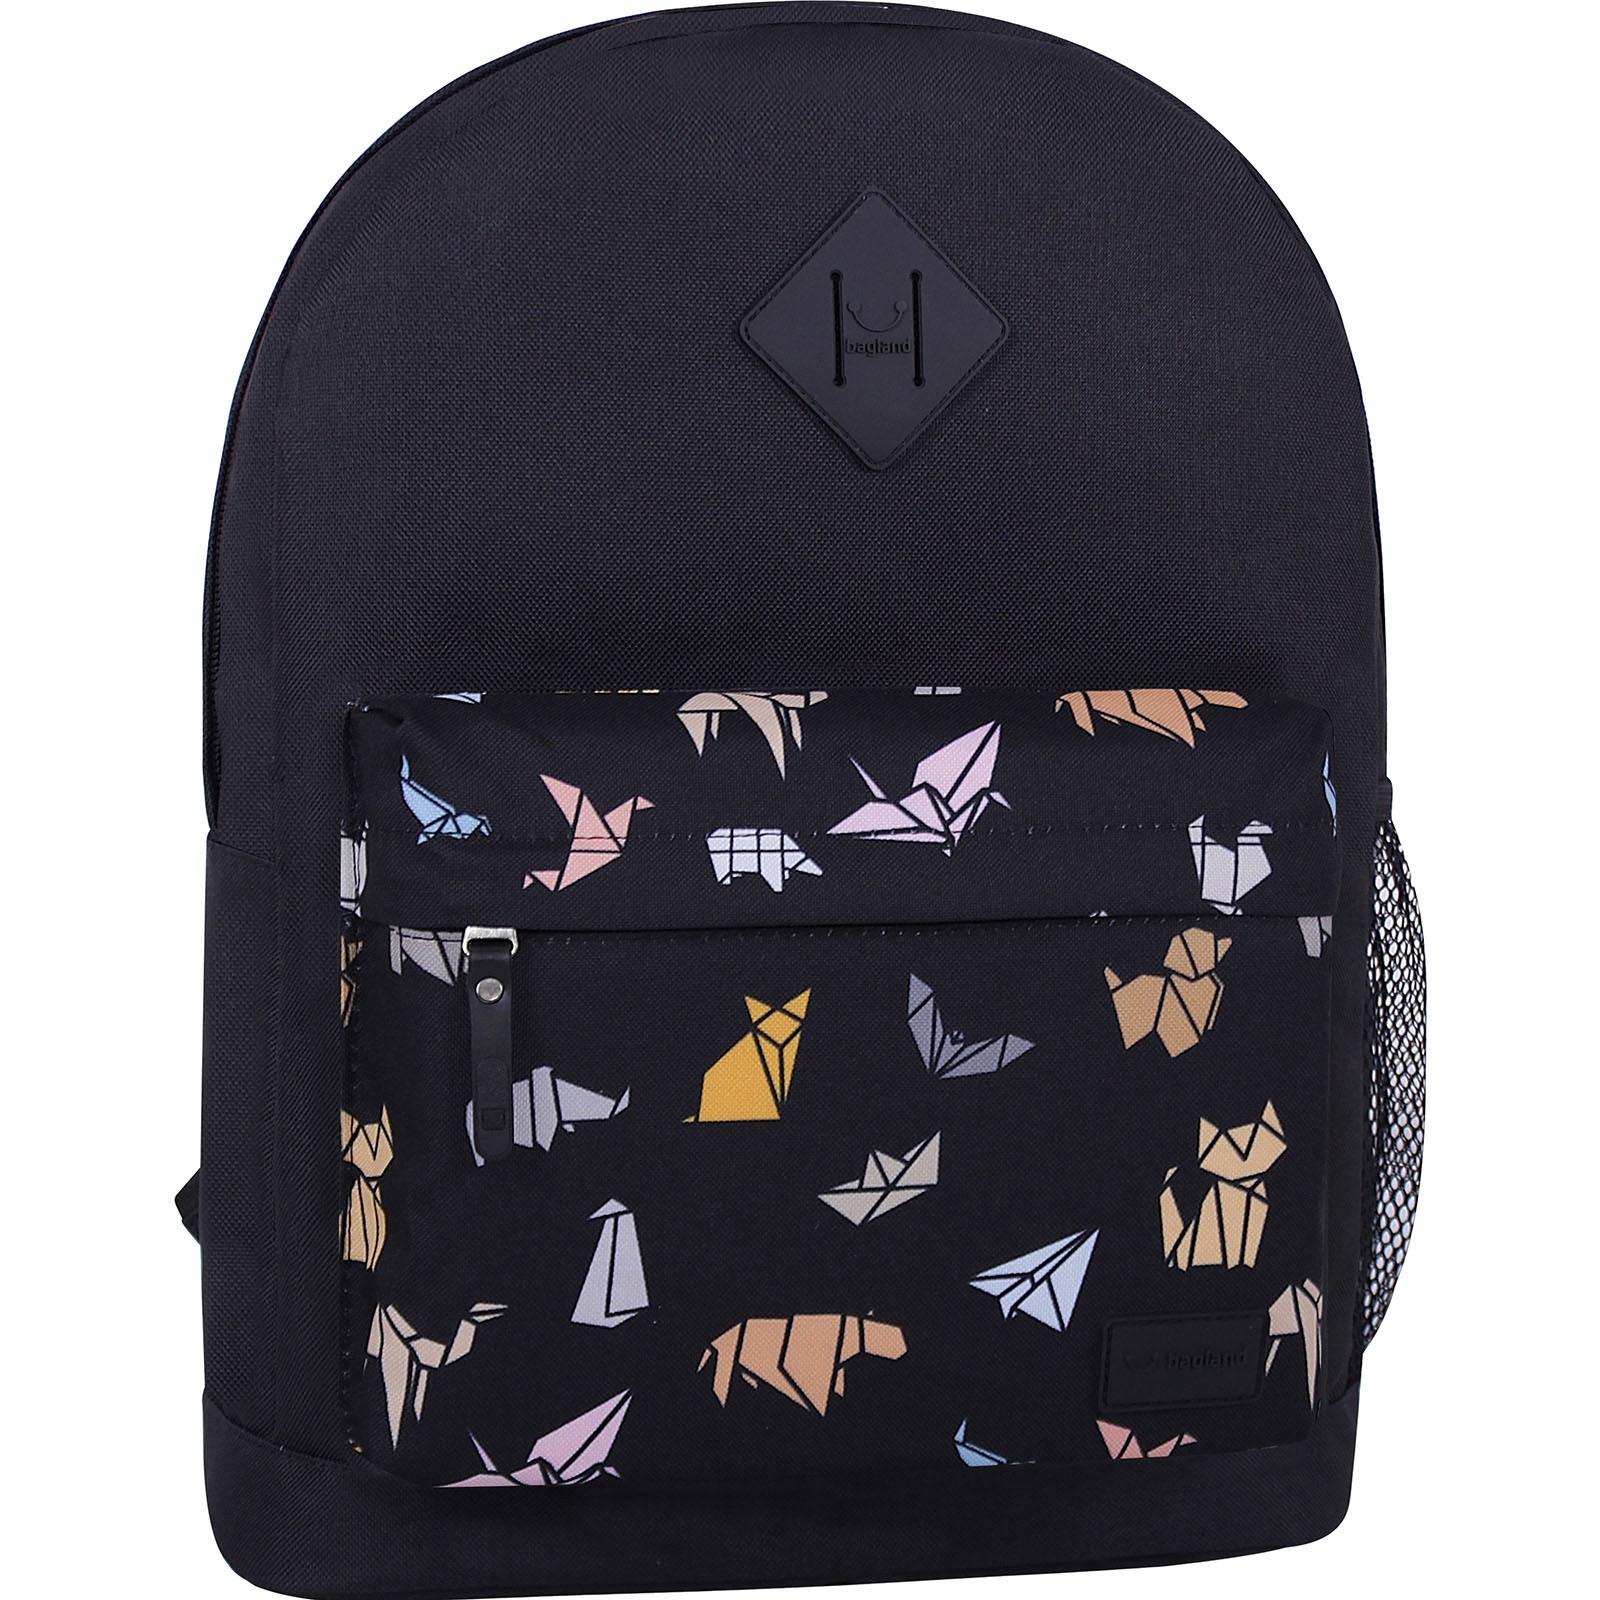 Городские рюкзаки Рюкзак Bagland Молодежный W/R 17 л. Чёрный 752 (00533662) IMG_7300_суб.752_.JPG